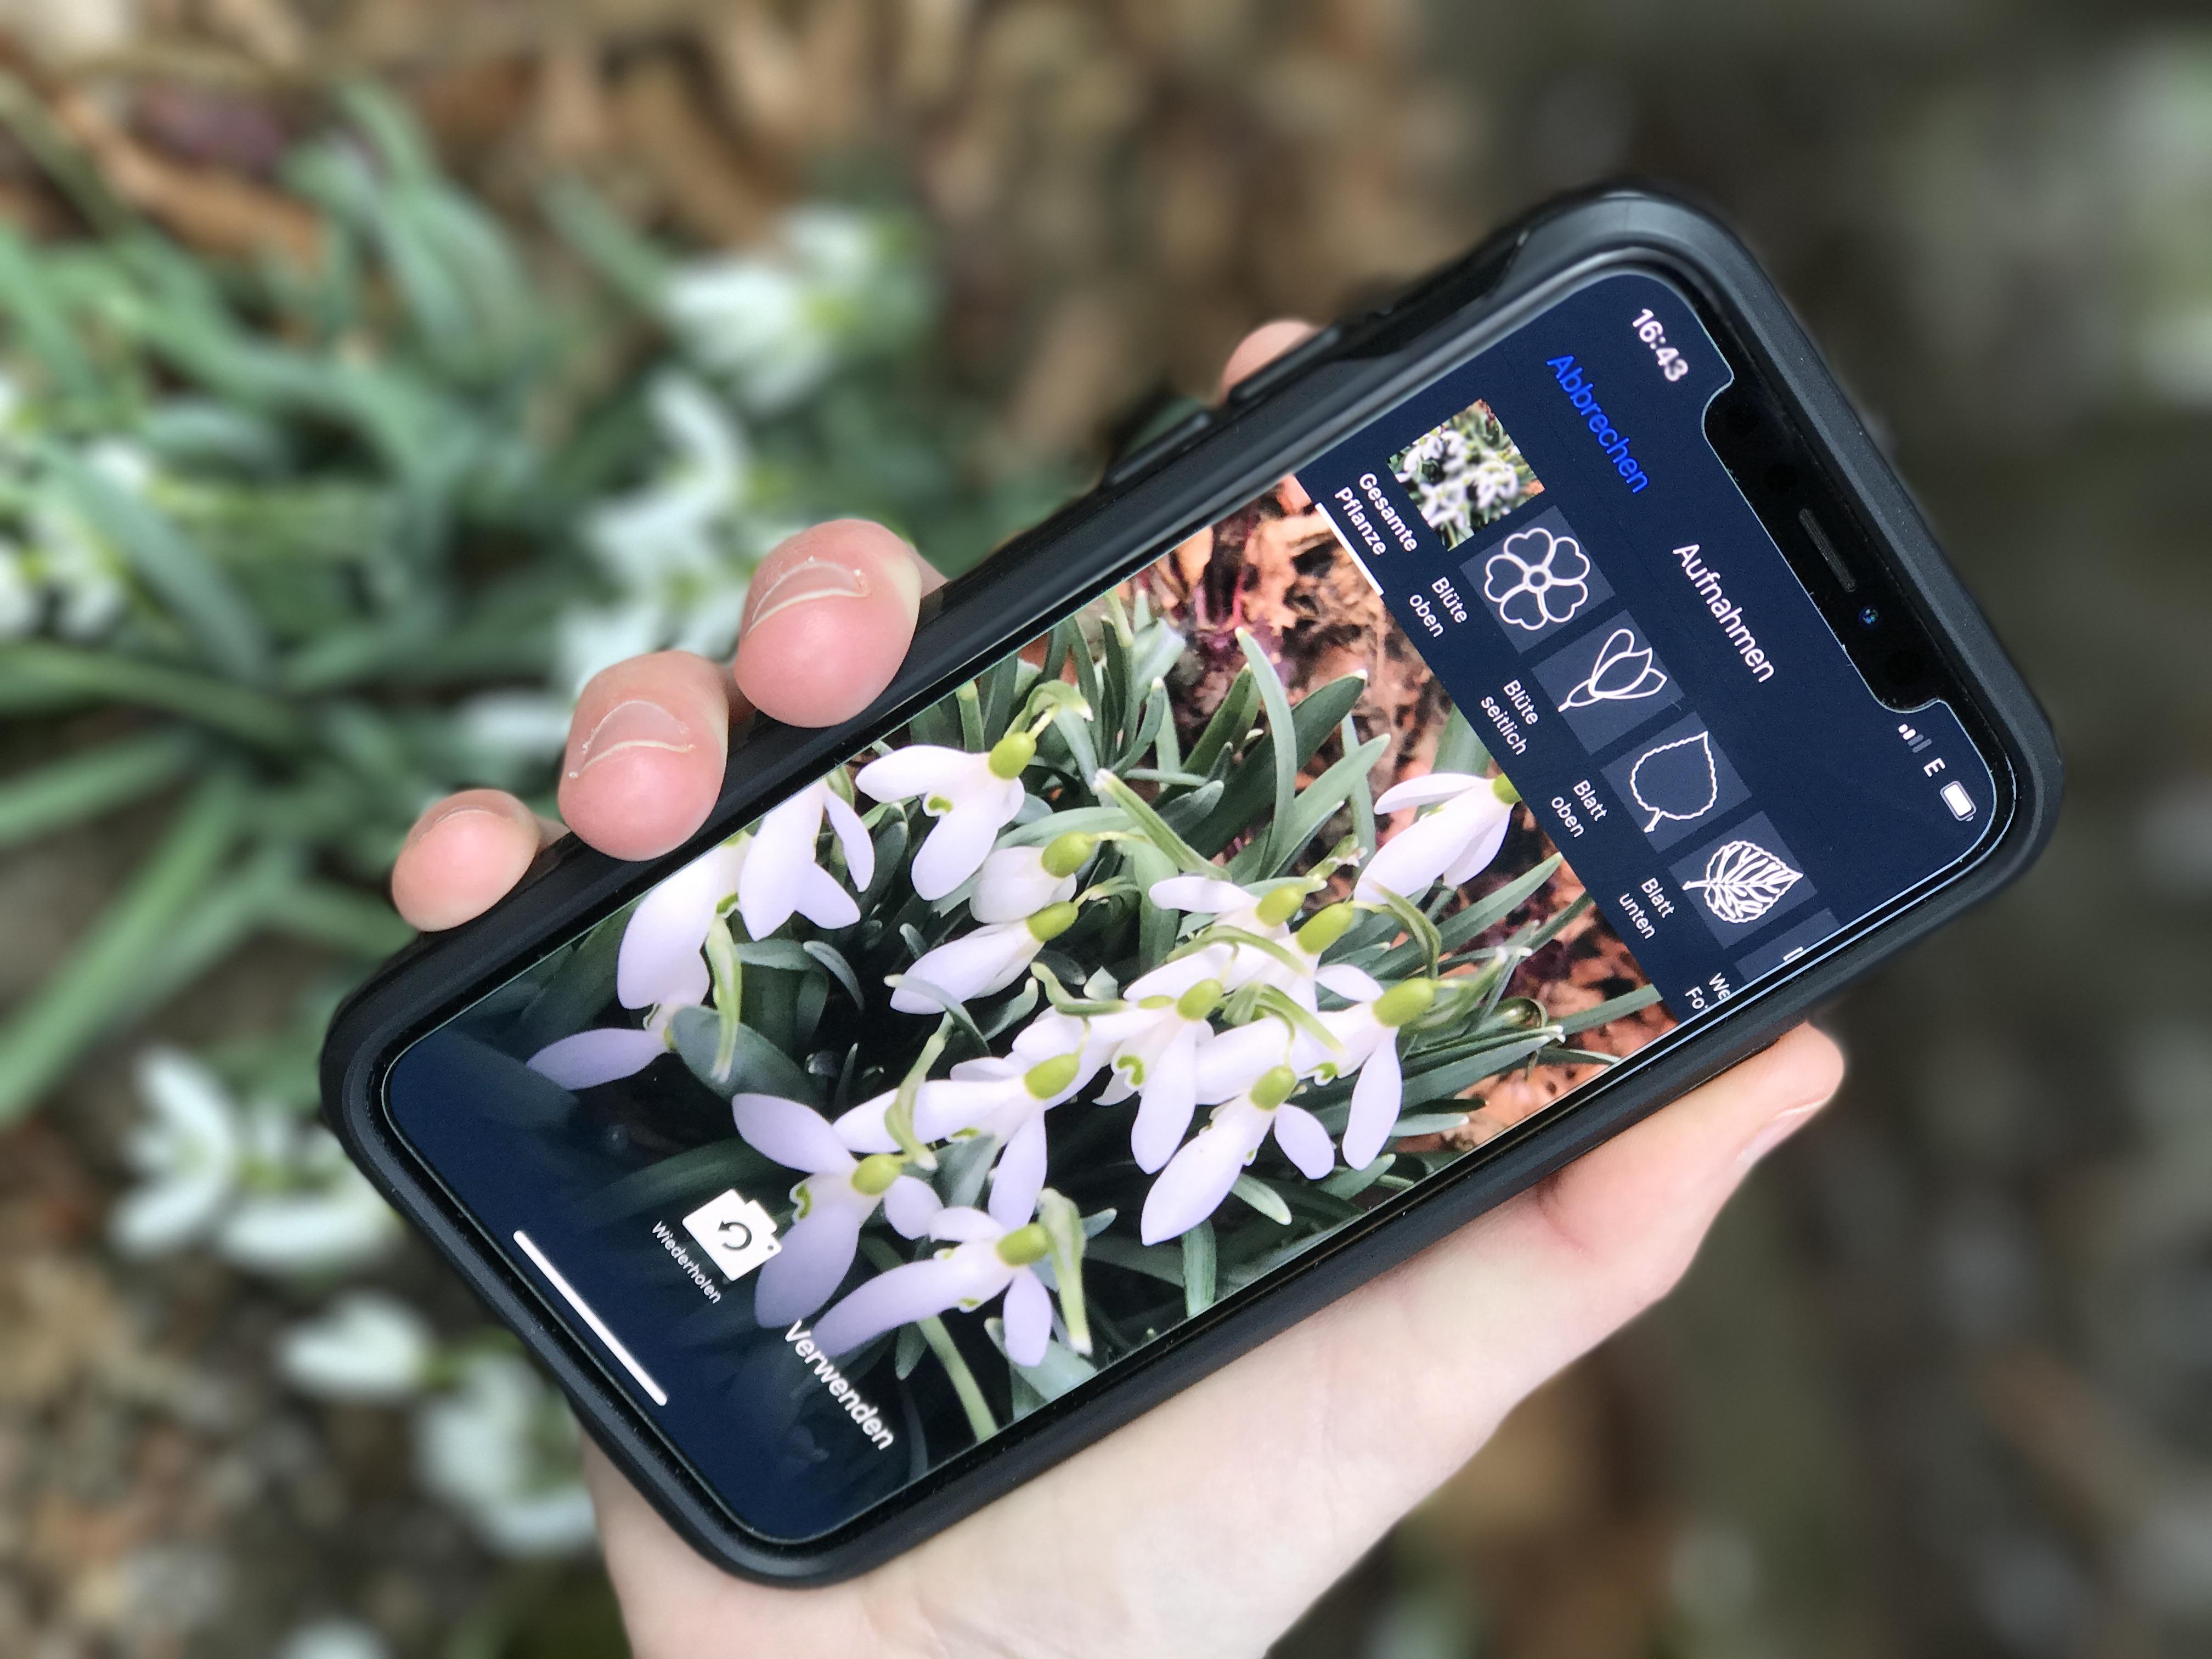 pflanzen mit dem smartphone bestimmen | industrieverband agrar